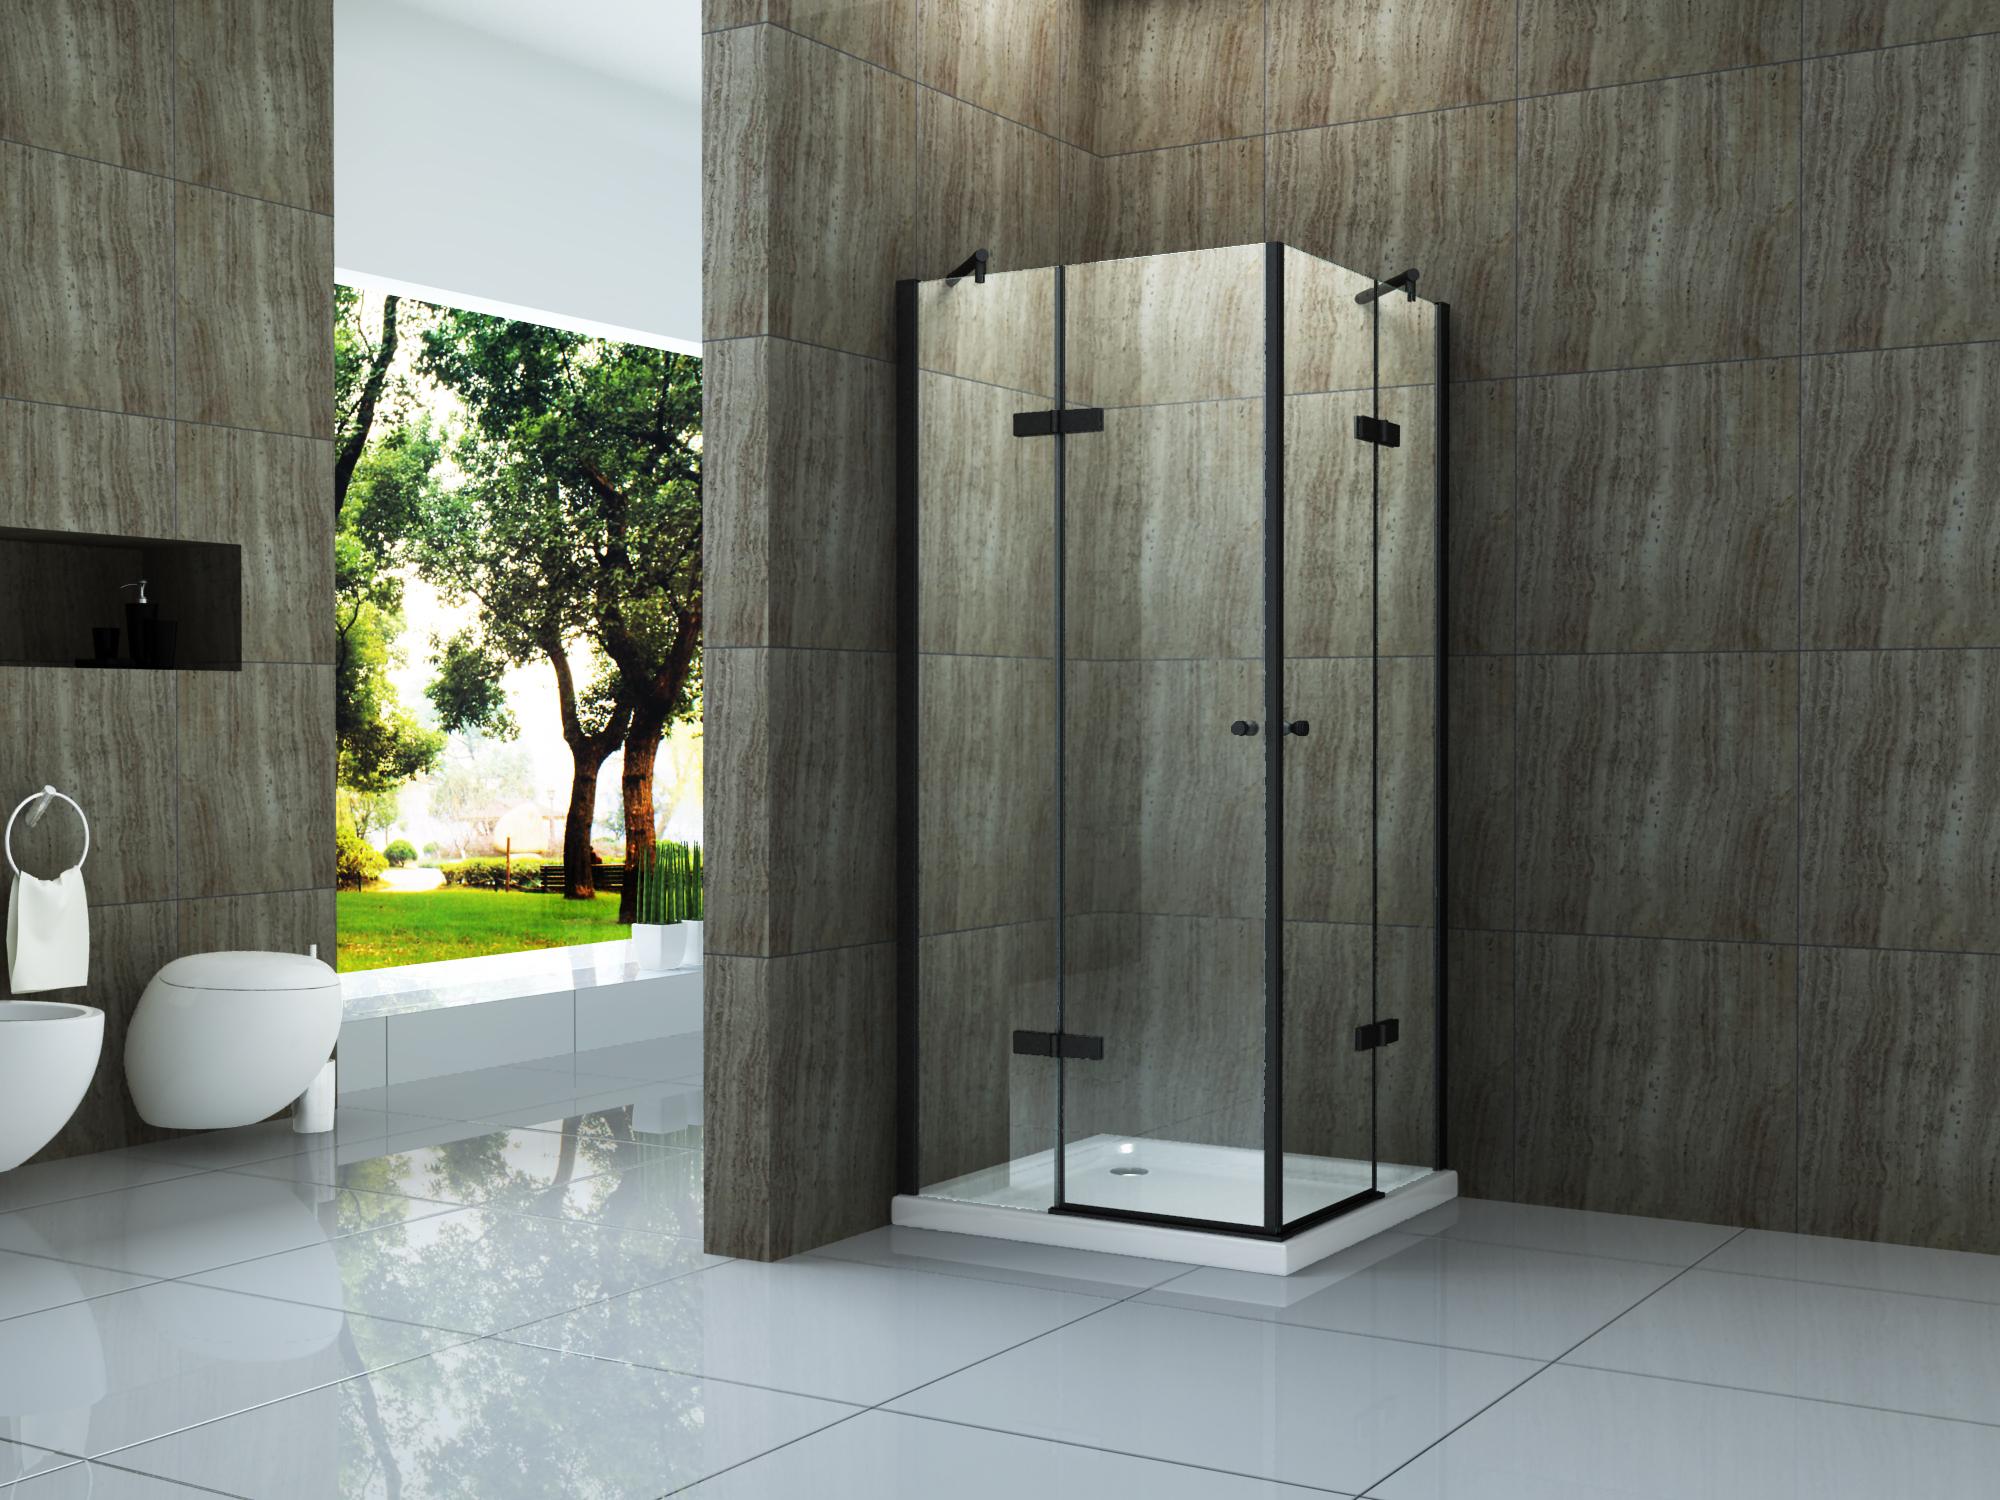 Duschkabine CANTO (schwarz) 90 x 90 x 195 cm ohne Duschtasse